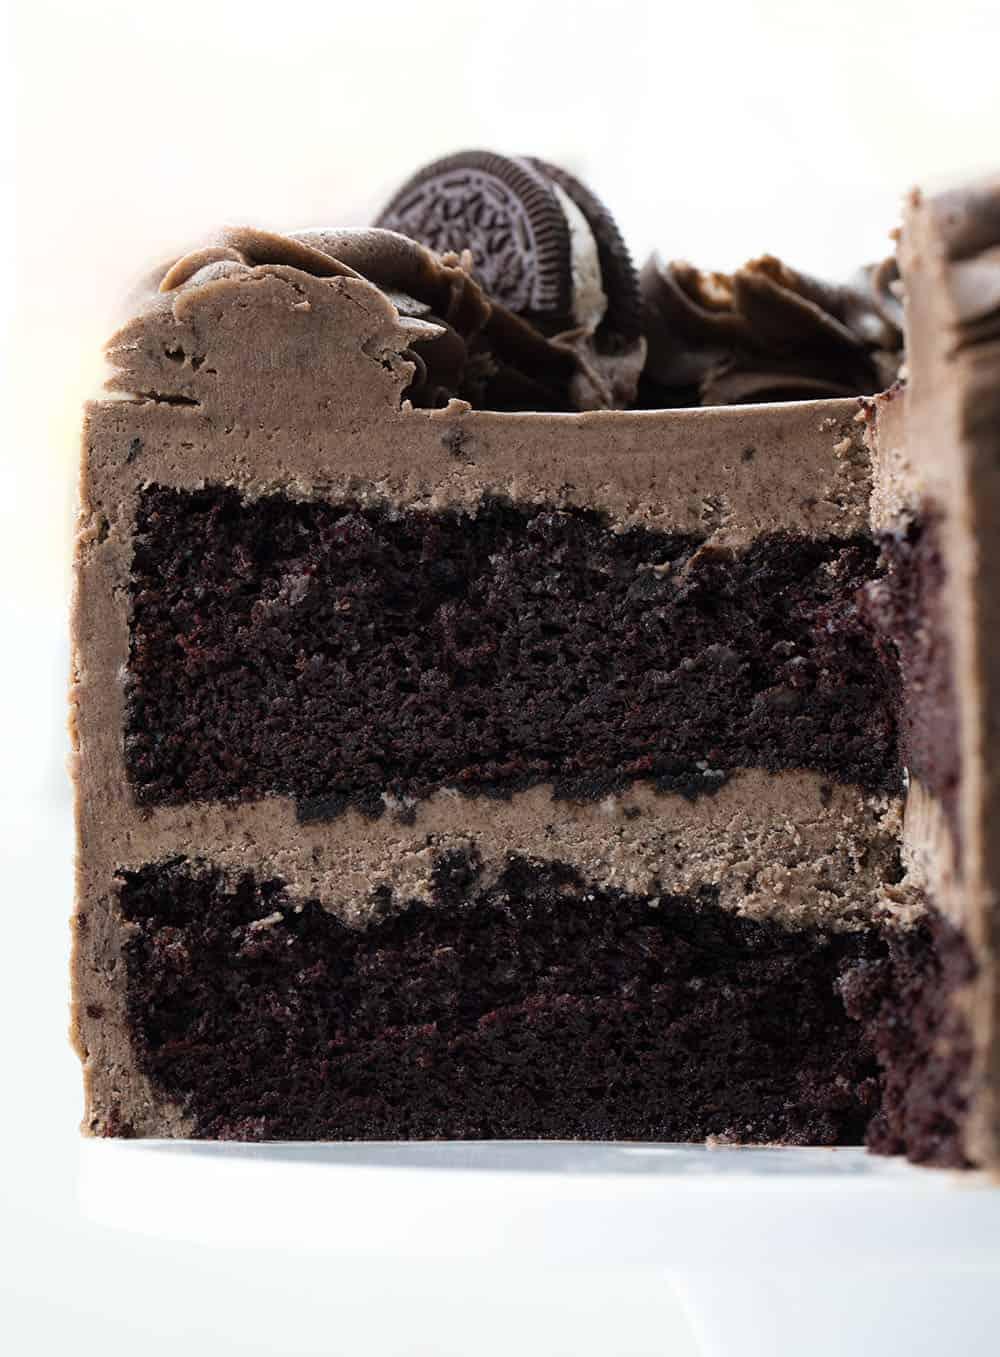 Cut into Cookies and Cream Cake {Oreo Cake}